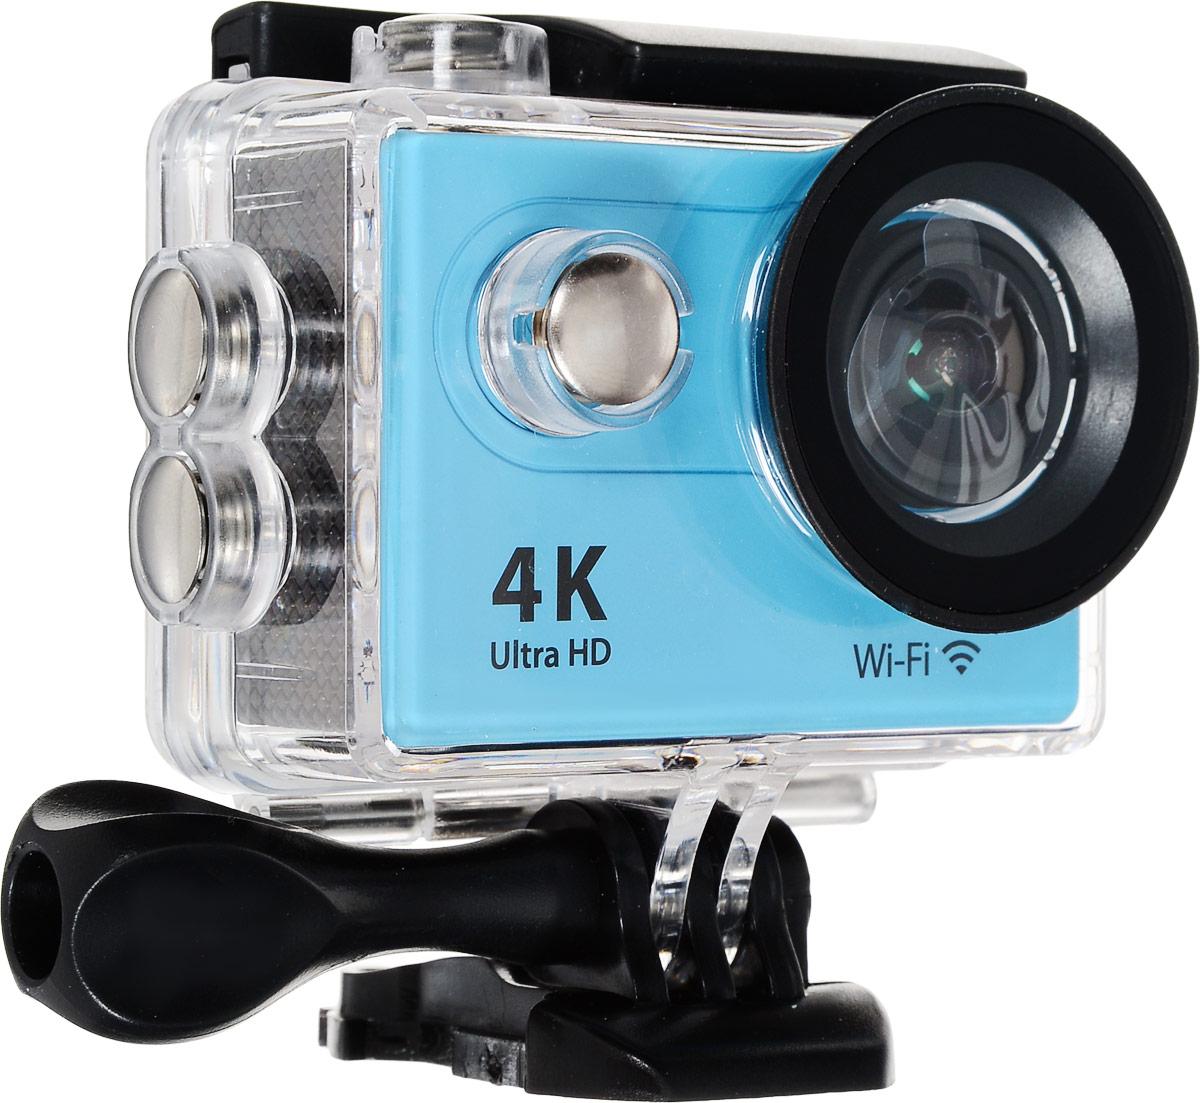 Eken H9 Ultra HD, Blue экшн-камераH9Экшн-камера Eken H9 Ultra HD позволяет записывать видео с разрешением 4К и очень плавным изображением до 30 кадров в секунду. Камера оснащена 2 TFT LCD экраном. Эта модель сделана для любителей спорта на улице, подводного плавания, скейтбординга, скай-дайвинга, скалолазания, бега или охоты. Снимайте с руки, на велосипеде, в машине и где угодно. По сравнению с предыдущими версиями, в Eken H9 Ultra HD вы найдете уменьшенные размеры корпуса, увеличенный до 2-х дюймов экран, невероятную оптику и фантастическое разрешение изображения при съемке 30 кадров в секунду!Управляйте вашей H9 на своем смартфоне или планшете. Приложение Ez iCam App позволяет работать с браузером и наблюдать все то, что видит ваша камера.